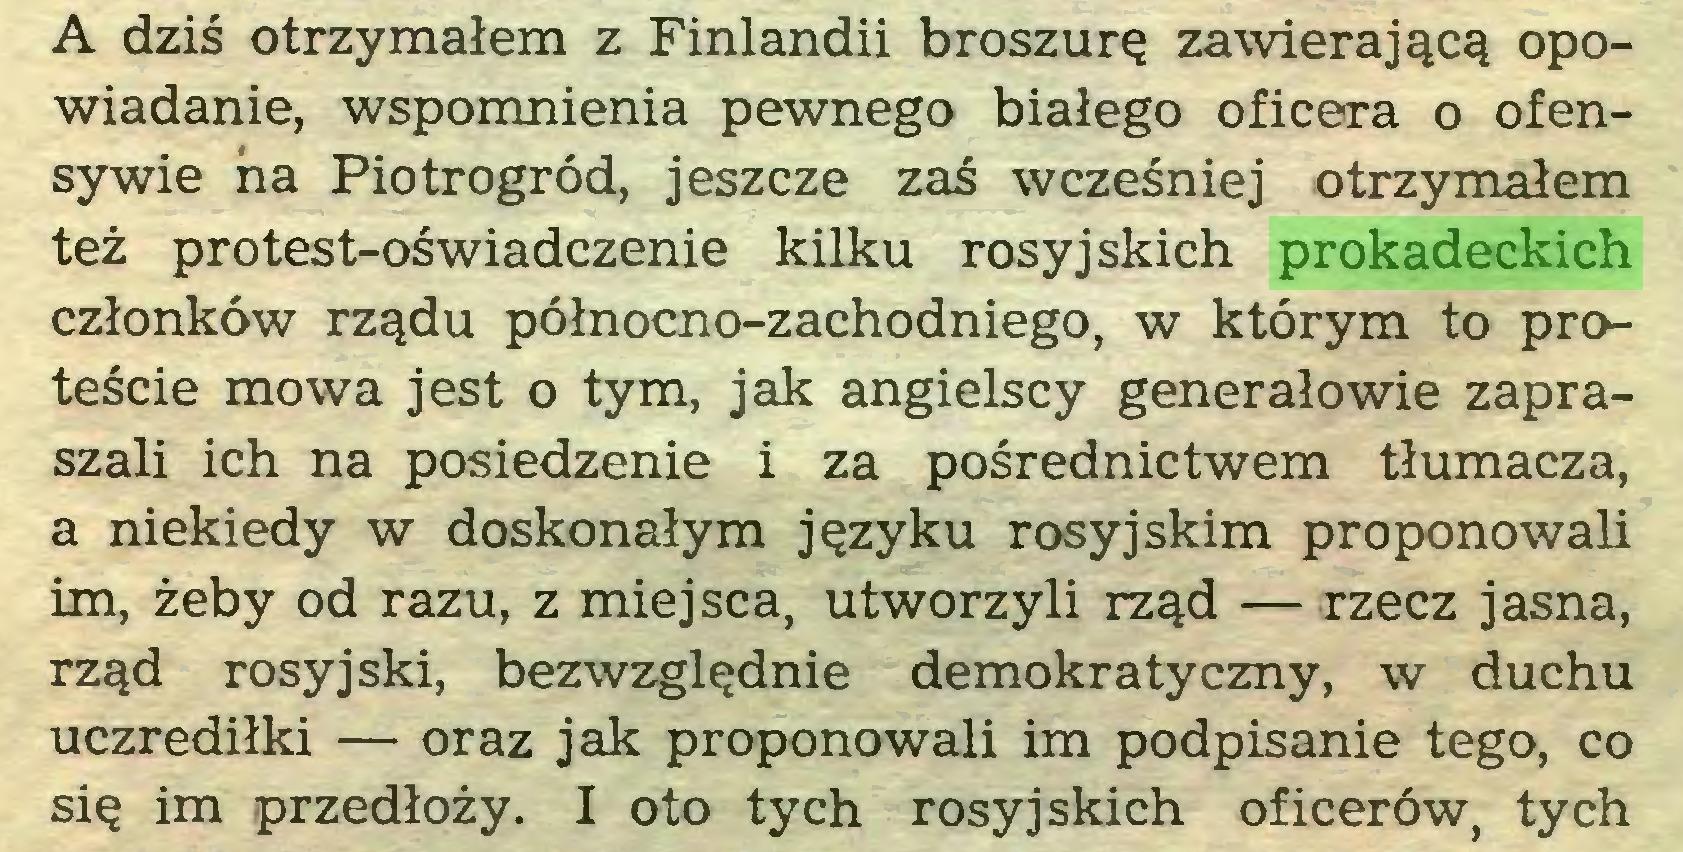 (...) A dziś otrzymałem z Finlandii broszurę zawierającą opowiadanie, wspomnienia pewnego białego oficera o ofensywie ha Piotrogród, jeszcze zaś wcześniej otrzymałem też protest-oświadczenie kilku rosyjskich prokadeckich członków rządu północno-zachodniego, w którym to proteście mowa jest o tym, jak angielscy generałowie zapraszali ich na posiedzenie i za pośrednictwem tłumacza, a niekiedy w doskonałym języku rosyjskim proponowali im, żeby od razu, z miejsca, utworzyli rząd — rzecz jasna, rząd rosyjski, bezwzględnie demokratyczny, w duchu uczrediłki — oraz jak proponowali im podpisanie tego, co się im przedłoży. I oto tych rosyjskich oficerów, tych...